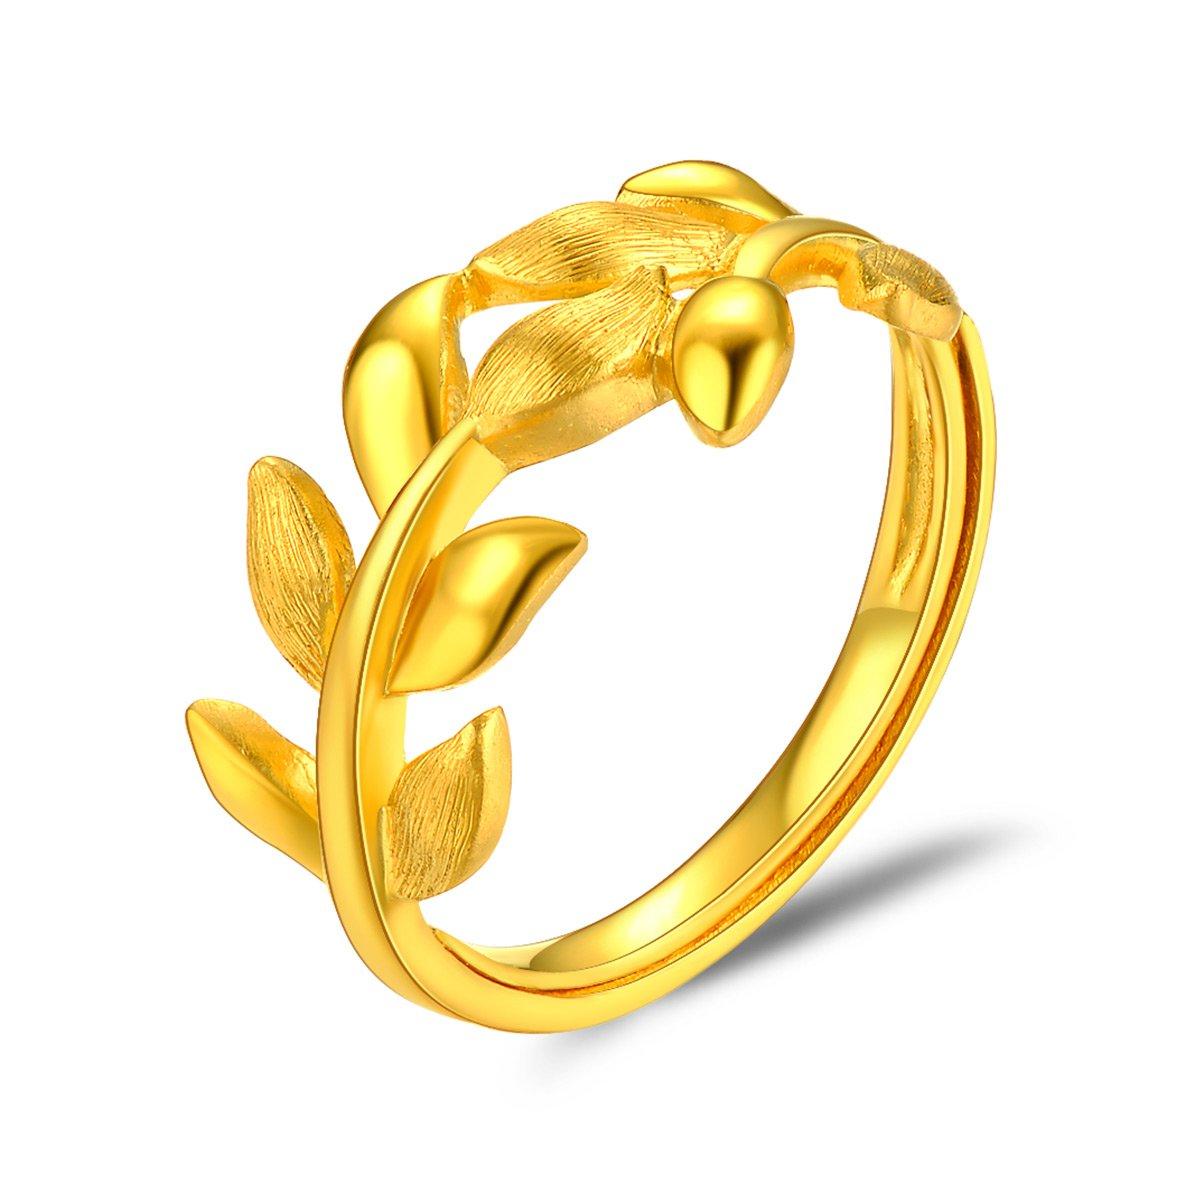 中国黄金足金黄金戒指女金叶良缘爱情黄金戒指精品计价ZGHJJZ2303